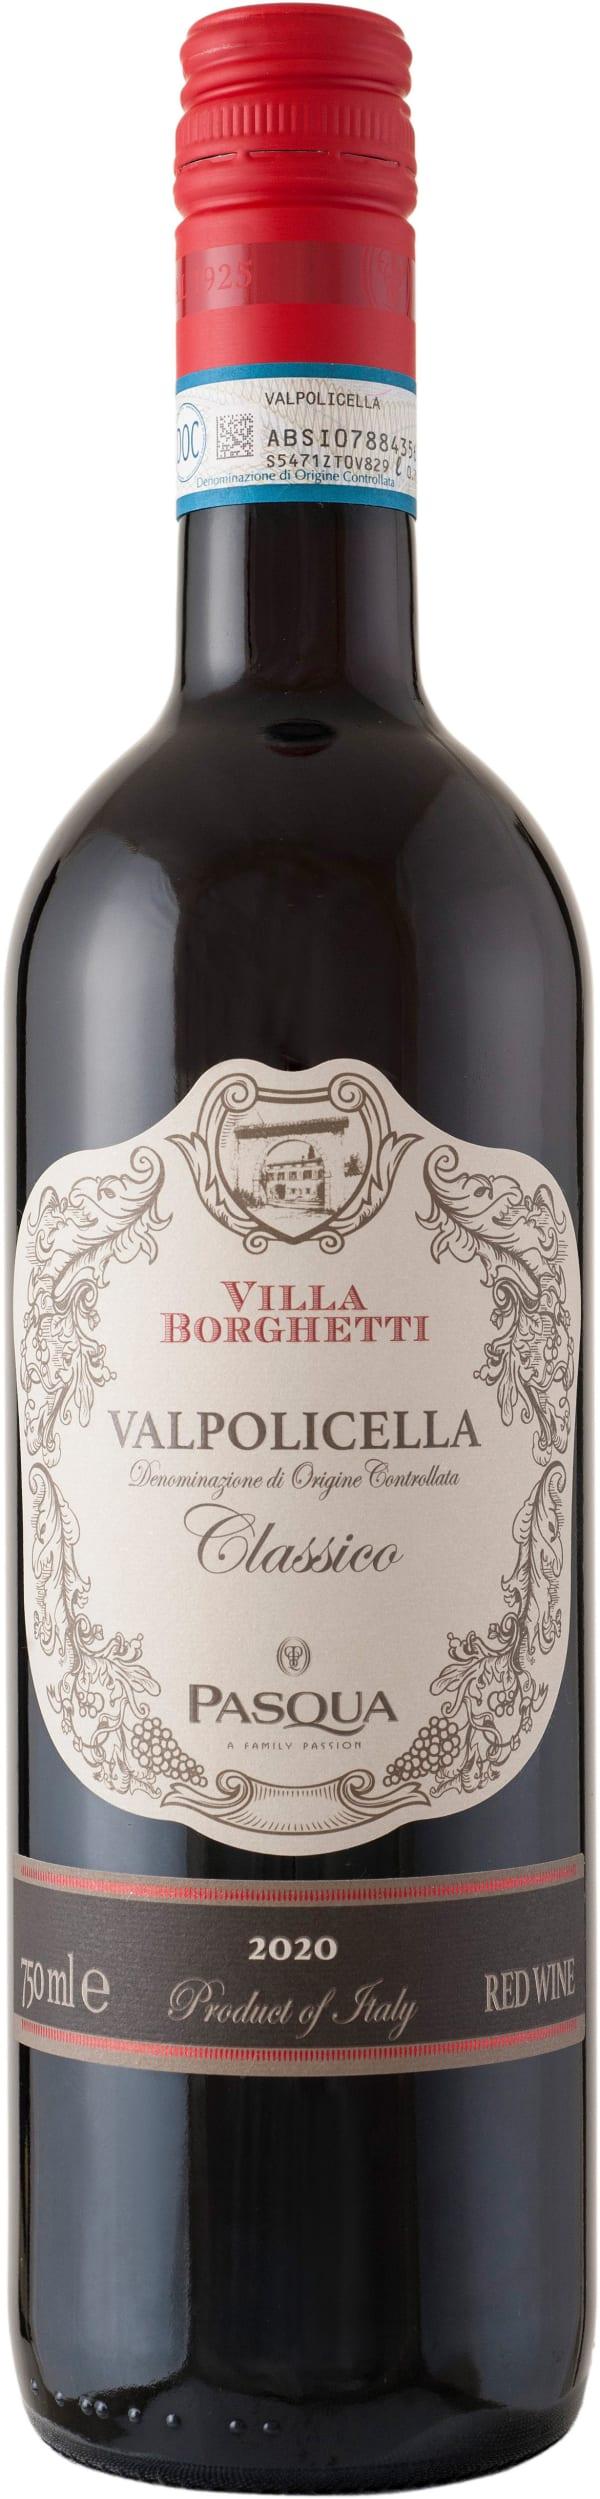 Pasqua Villa Borghetti Valpolicella Classico 2016